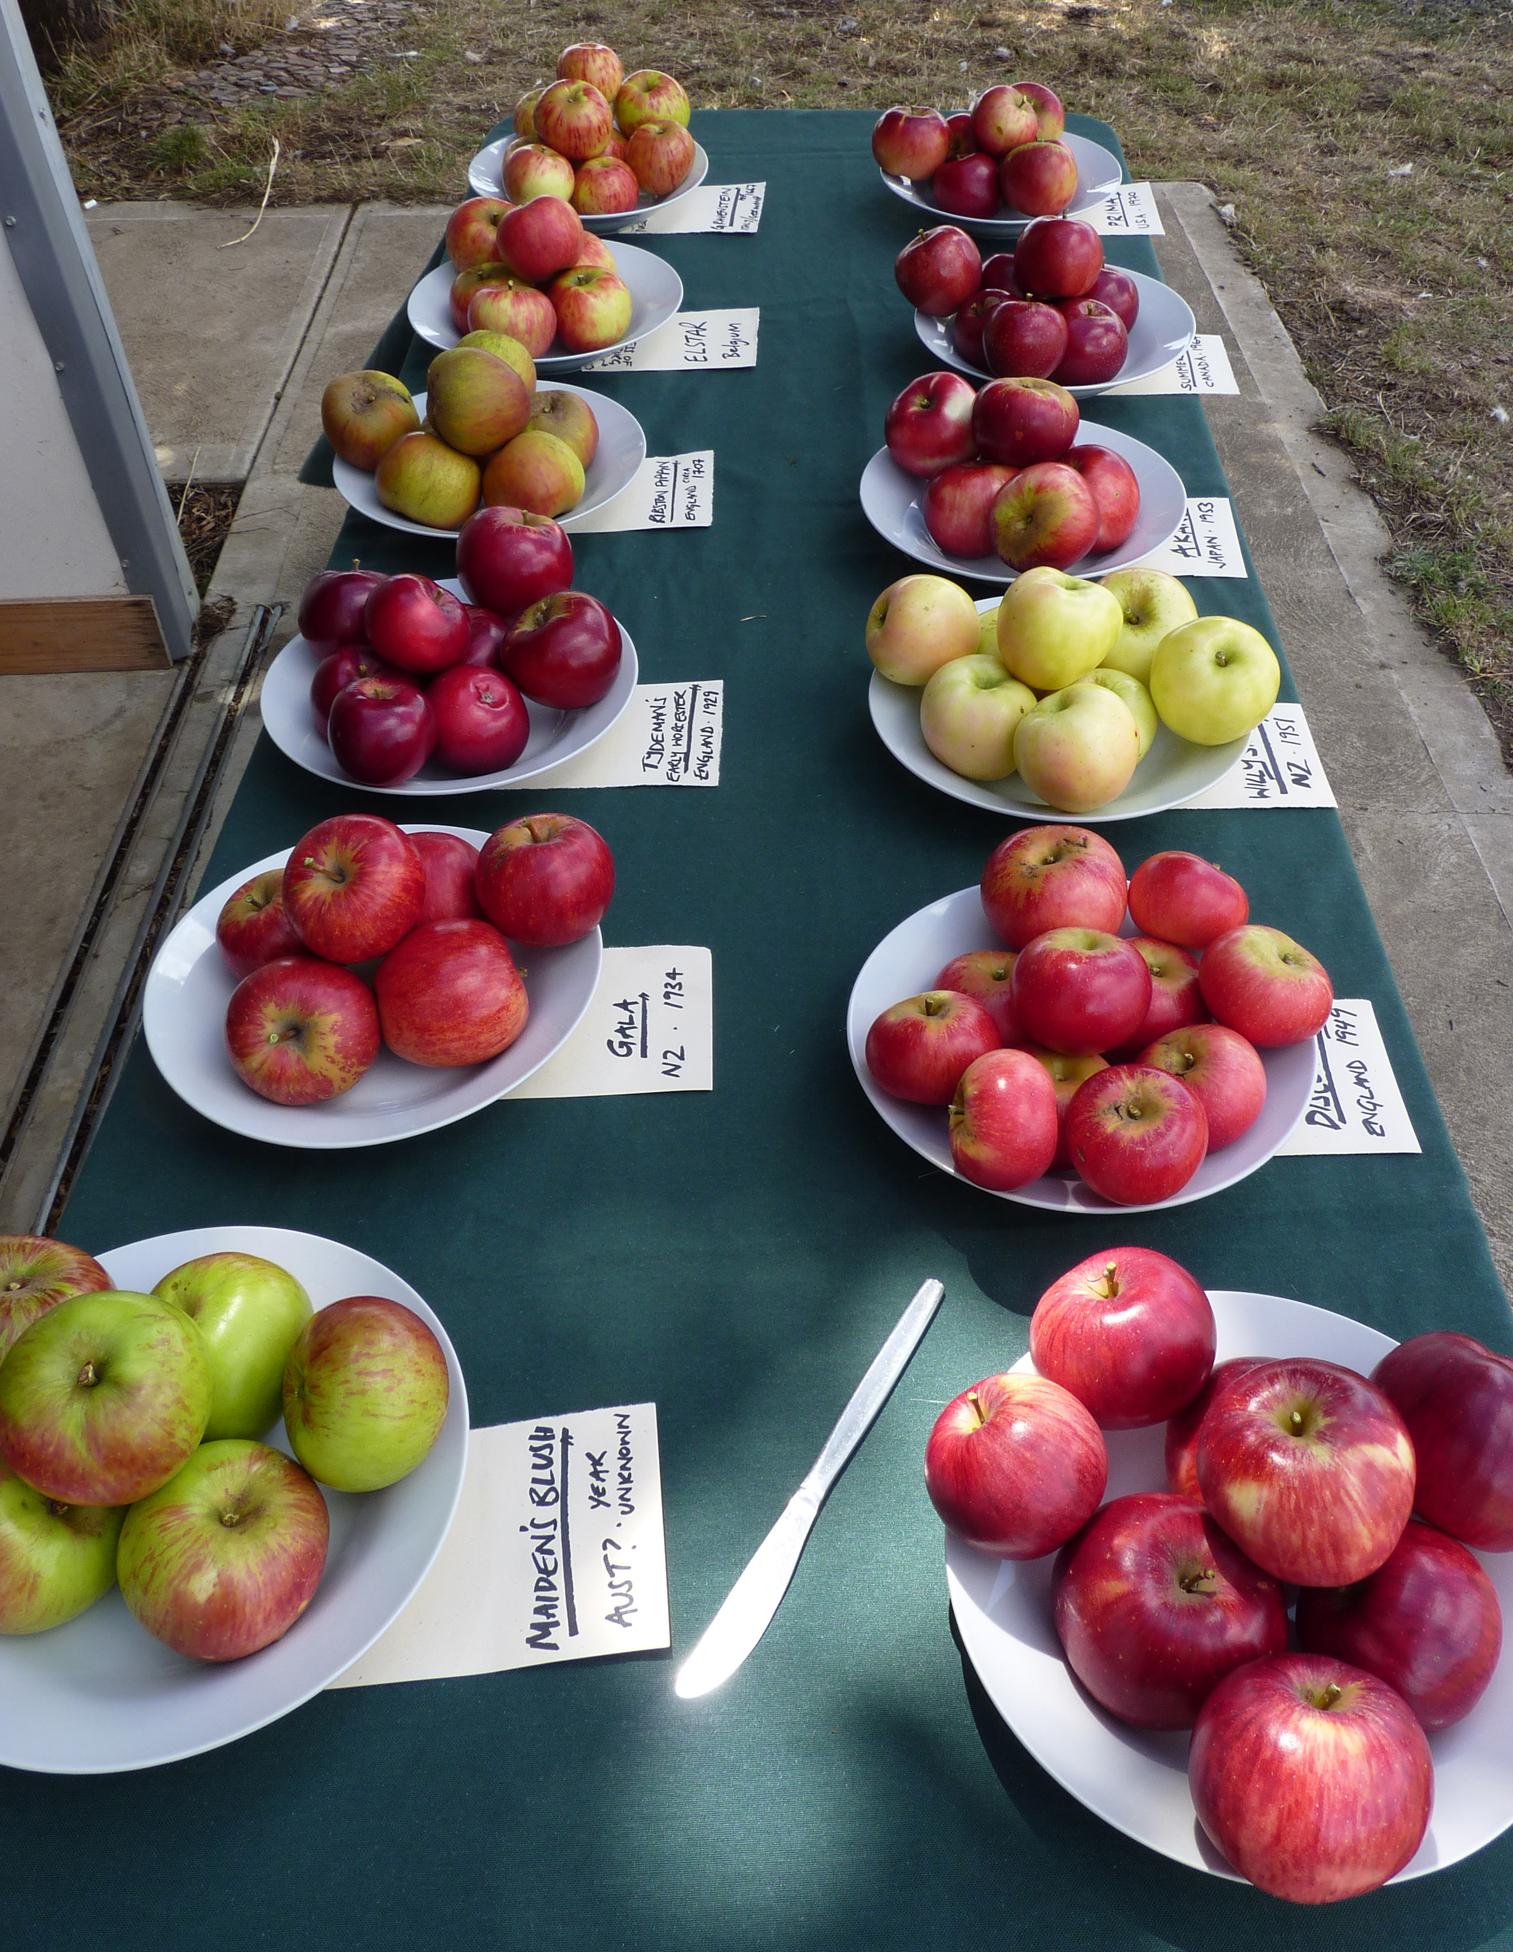 bw 12 varieties.jpg